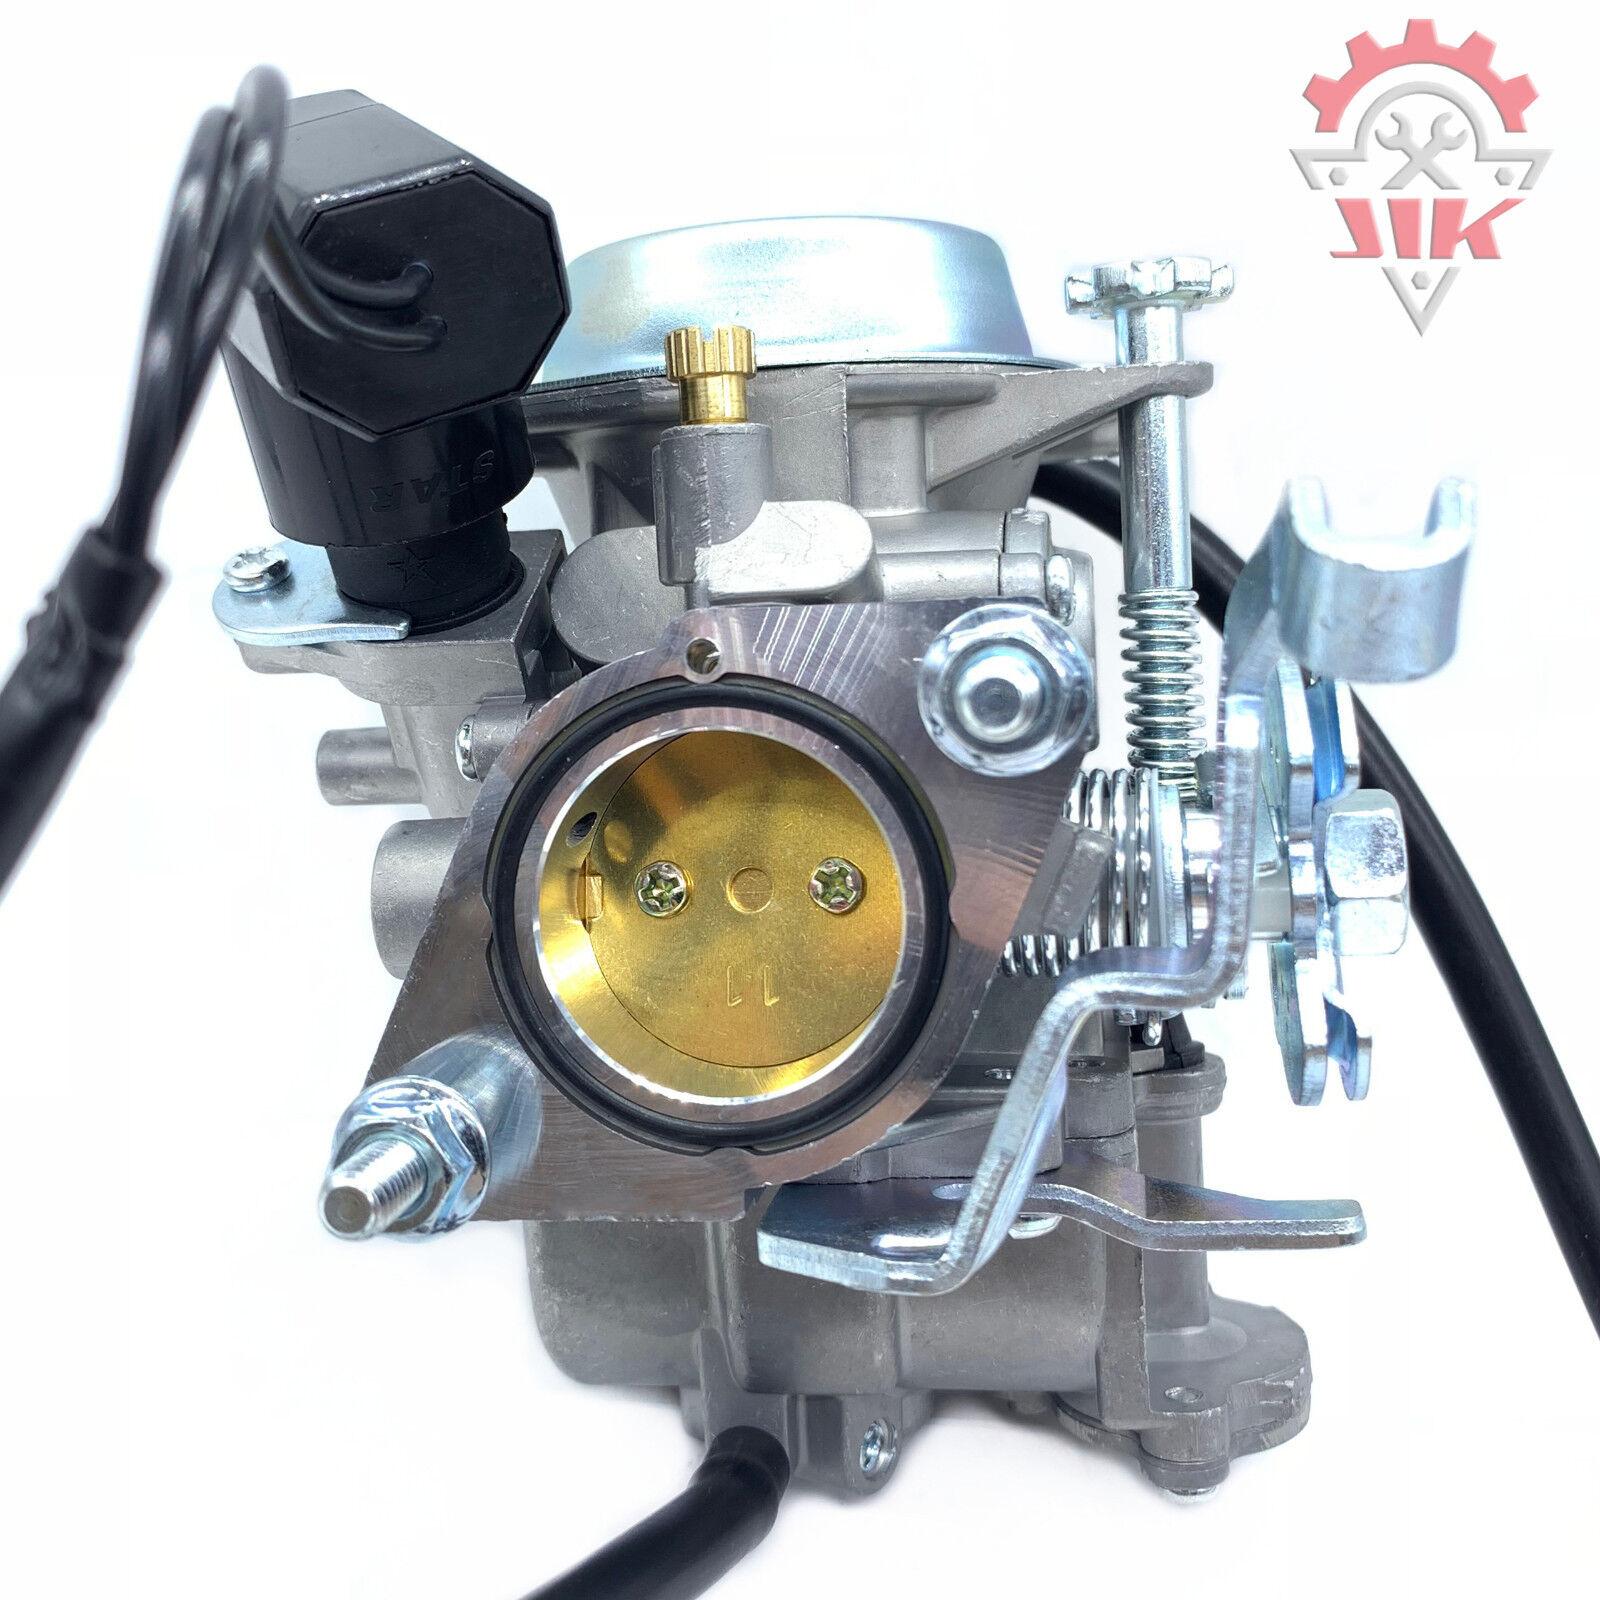 Details about Manco Talon Carburetor Linhai 260 300 260CC Carb for ATV  Bighorn Linhai ATV UTV